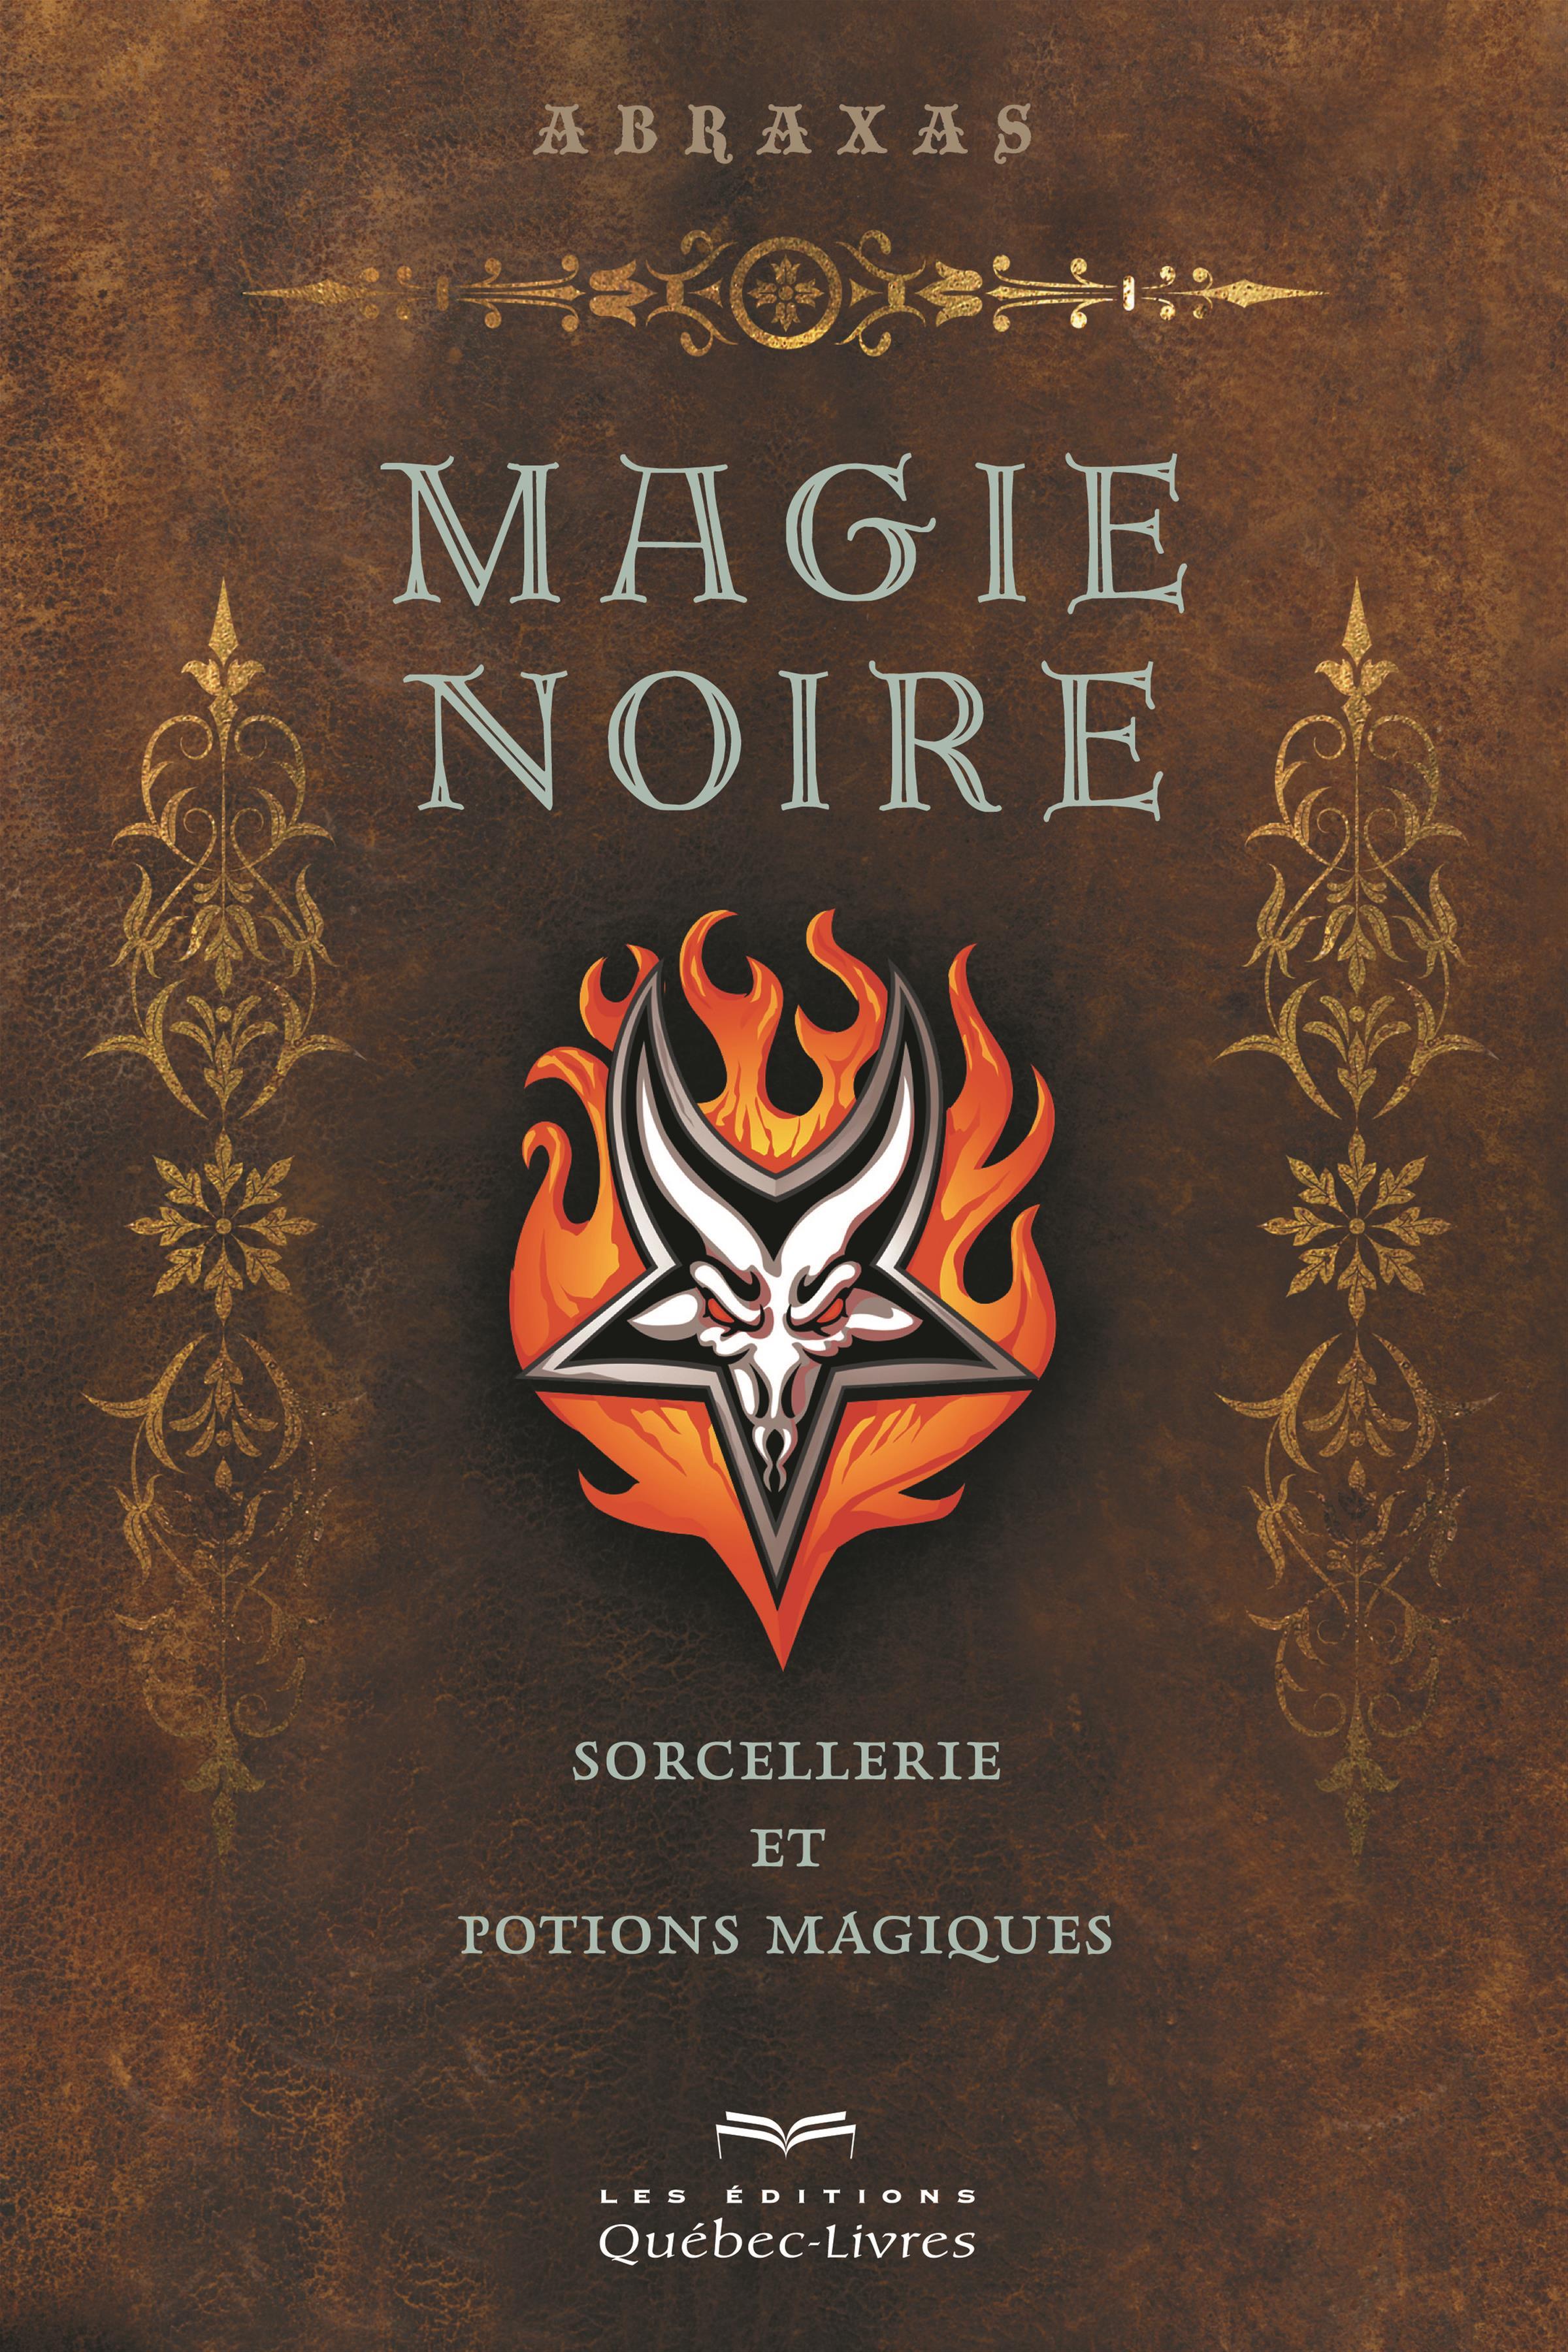 Livre Numérique epub Magie noire - Sorcellerie et potions